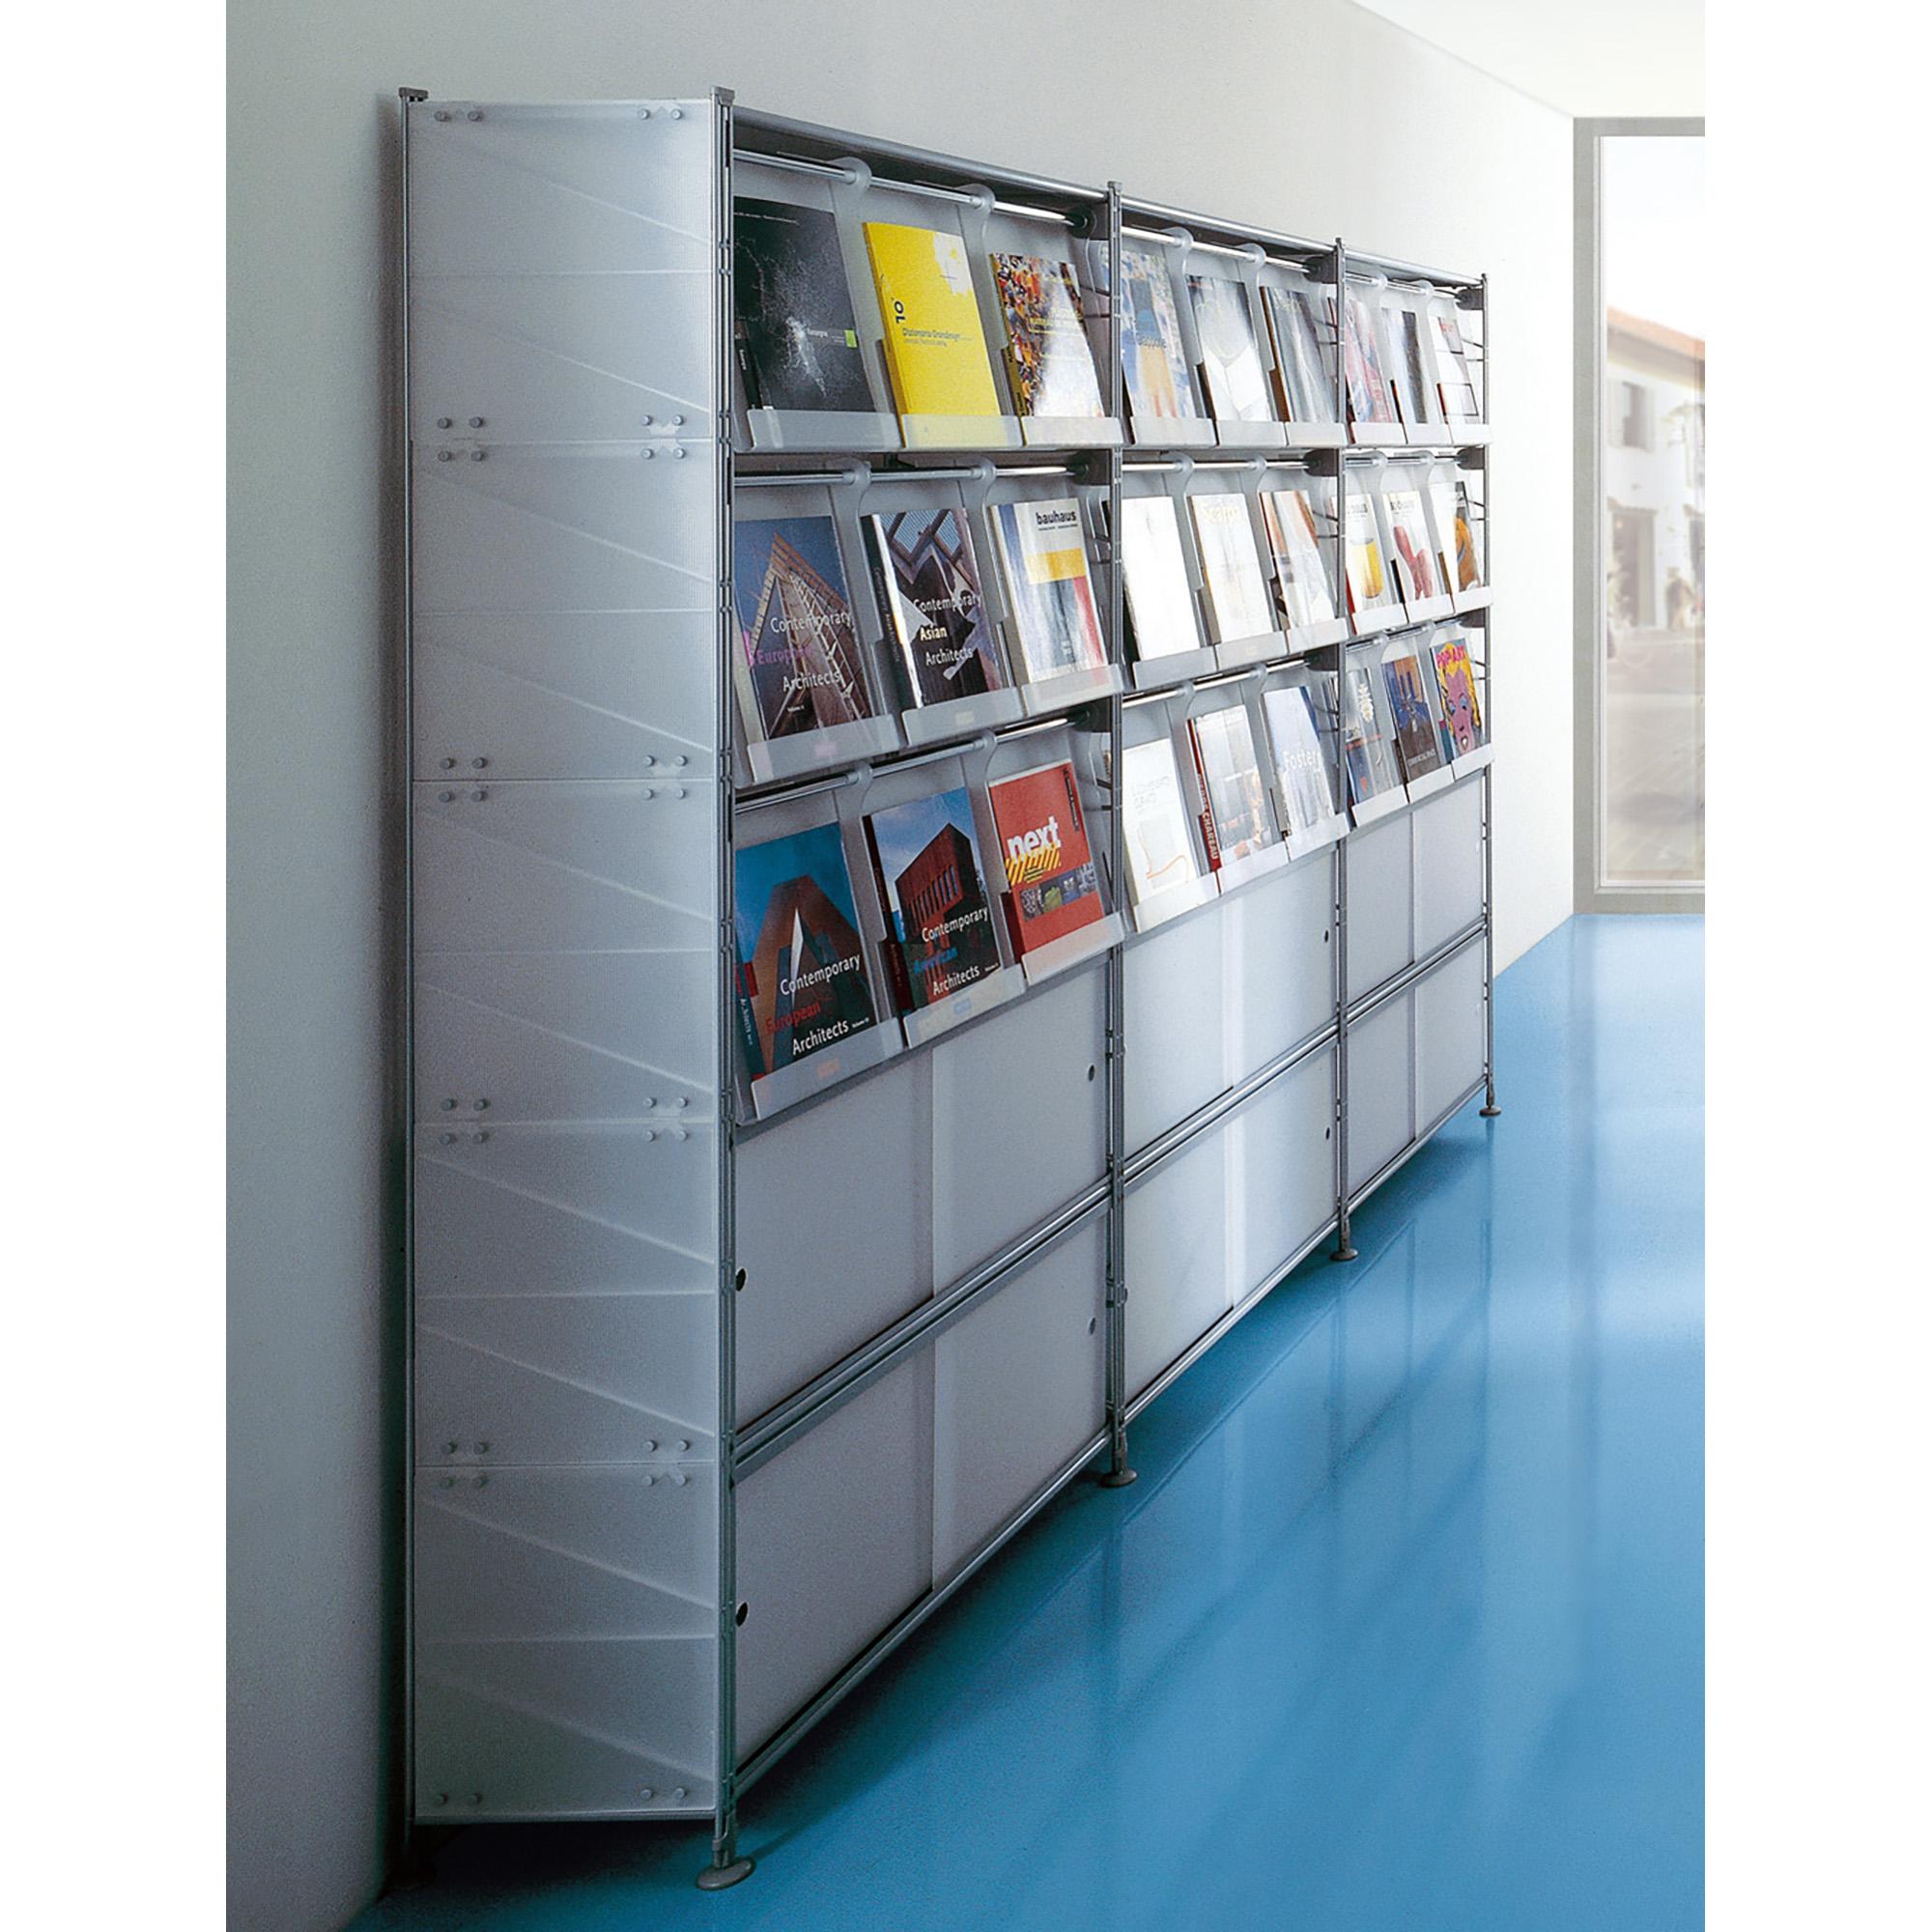 Libreria Socrate Shop - Centrufficio